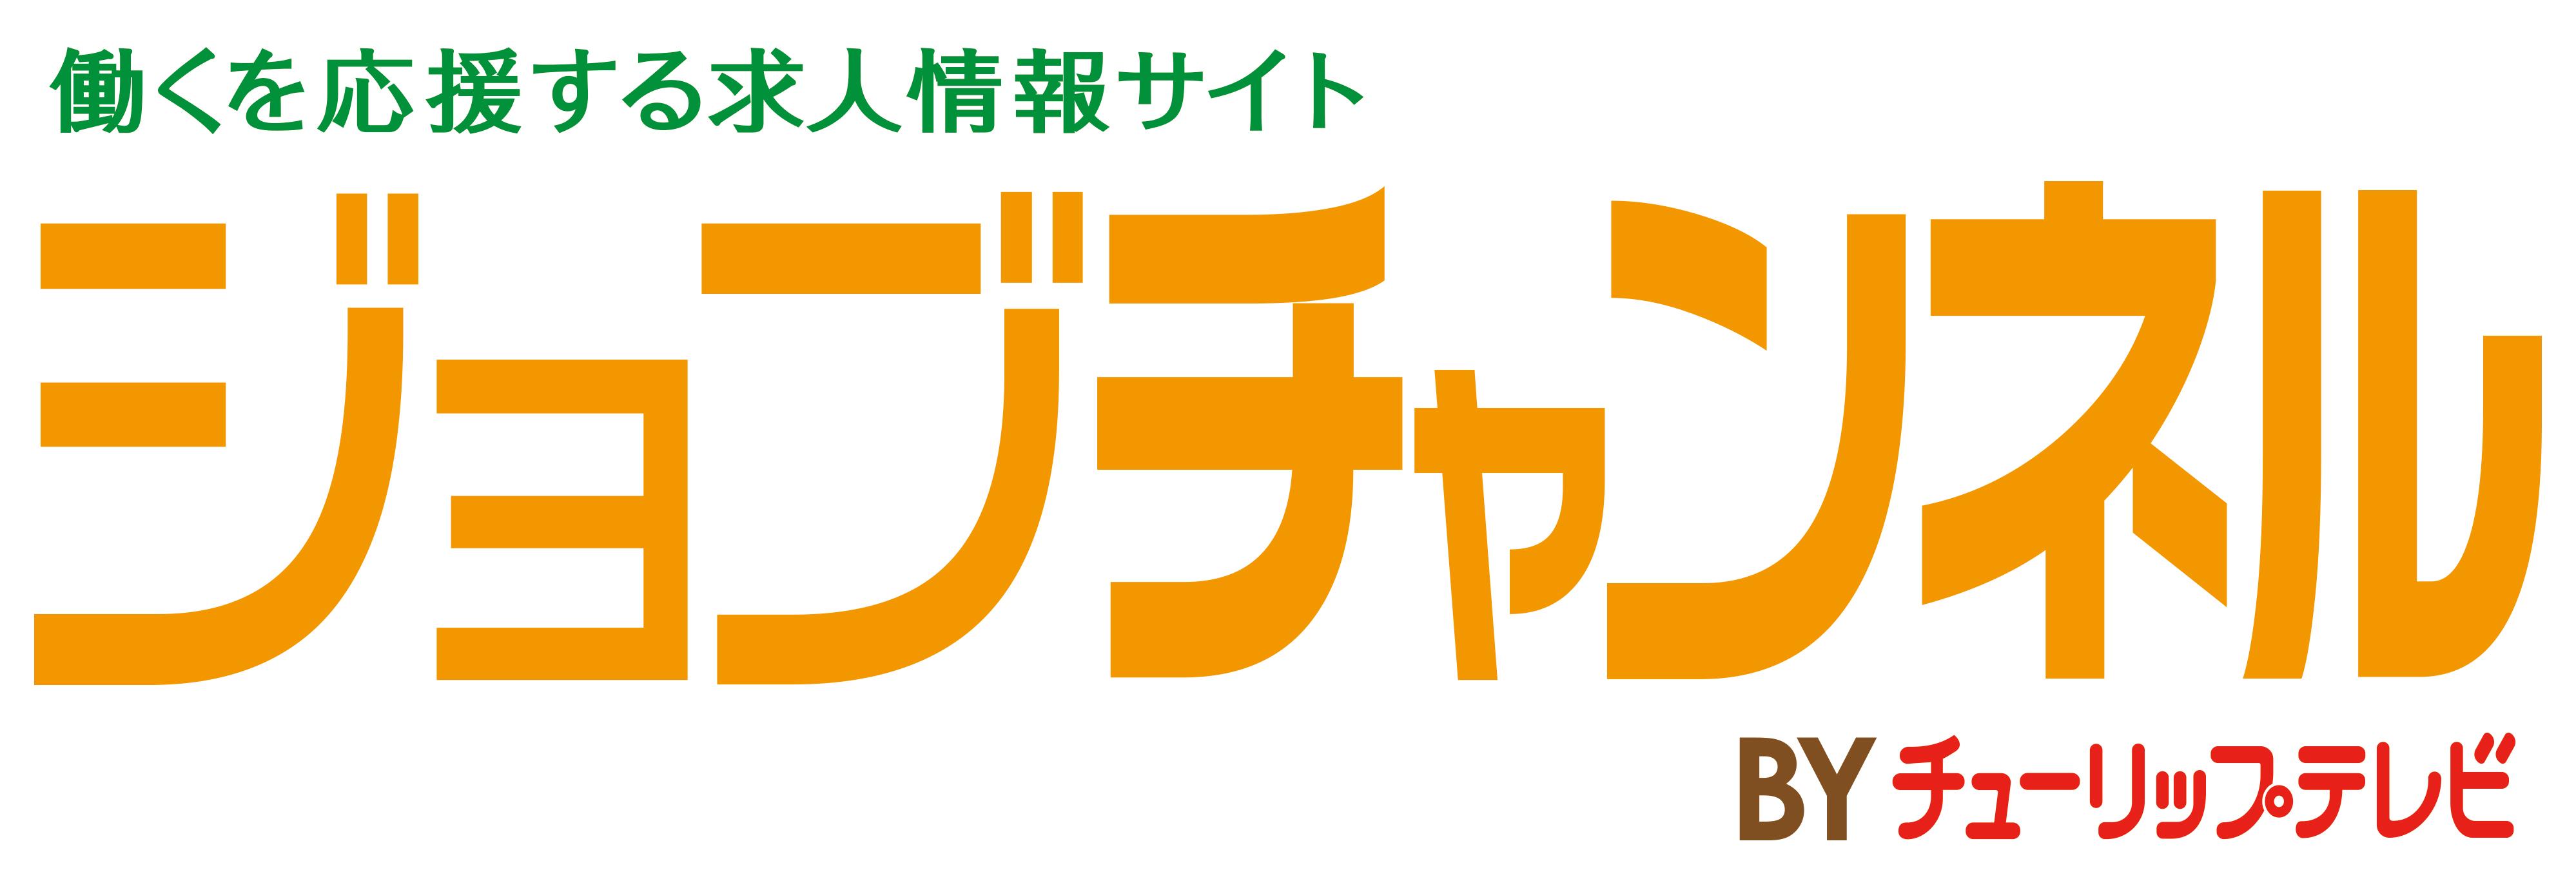 チューリップテレビ ジョブチャンネル運営事務局(ビジュアルライン富山営業所)